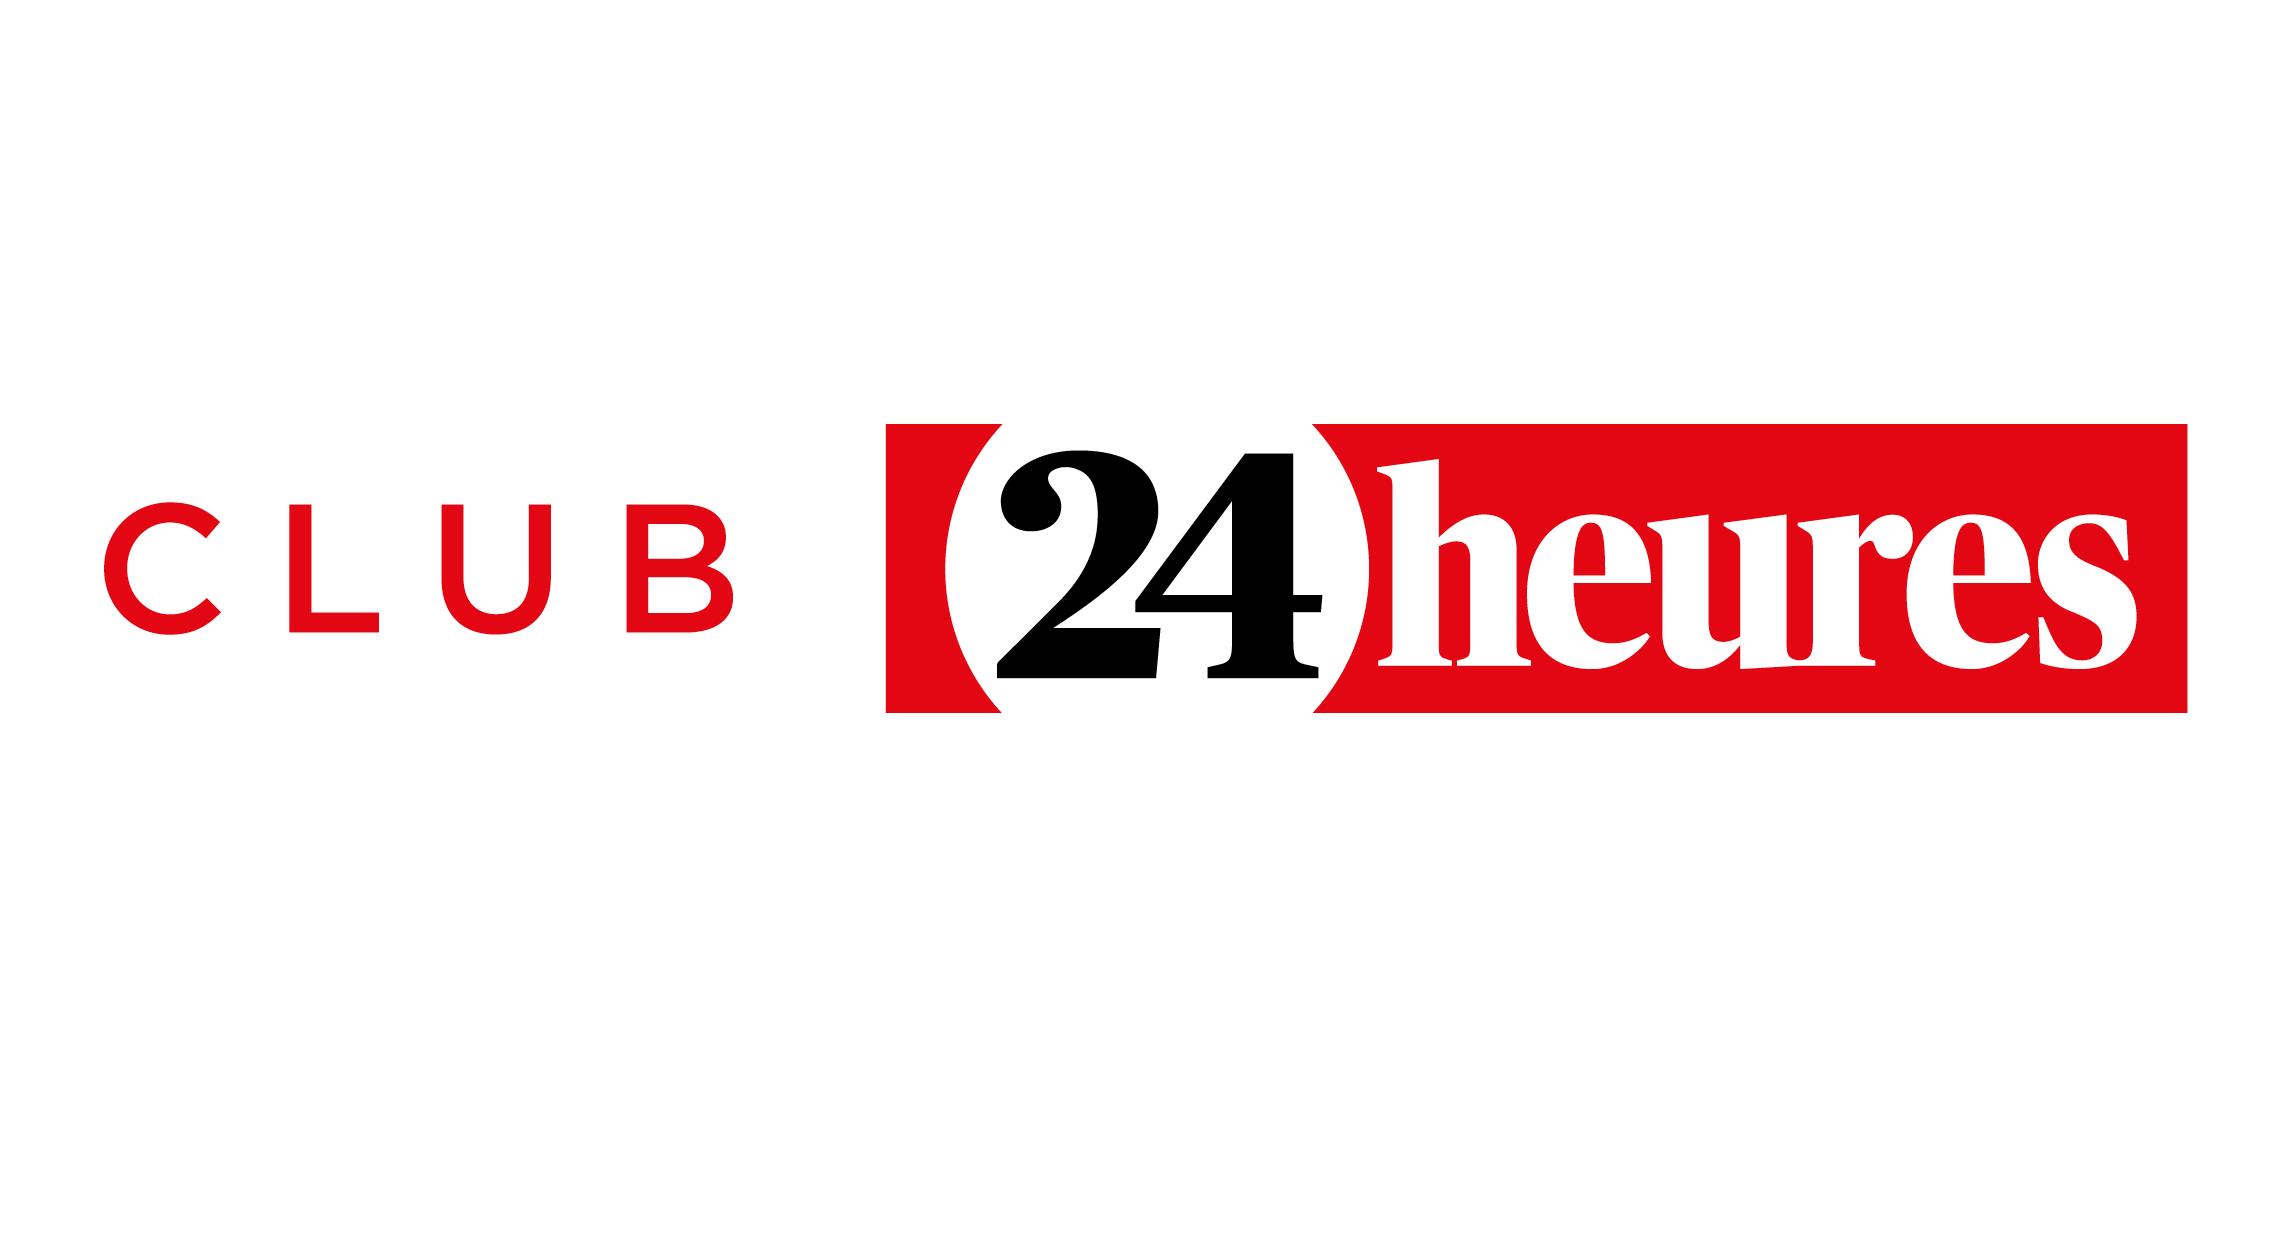 Club 24 heures